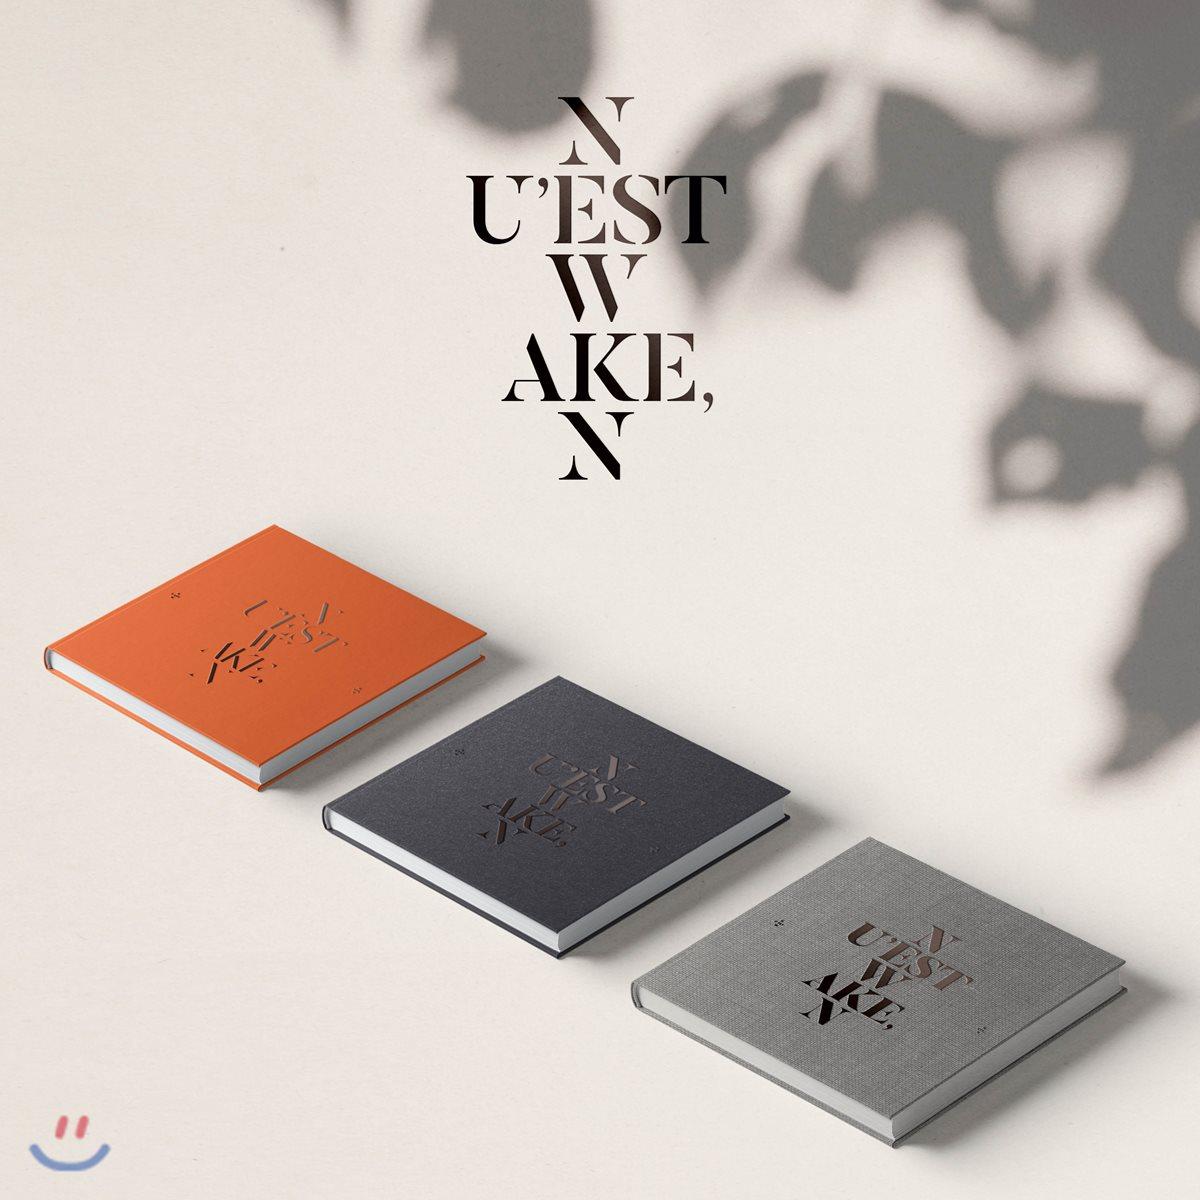 뉴이스트 W (NU`EST W) - [WAKE,N] [Ver.1+2+3 /SET]